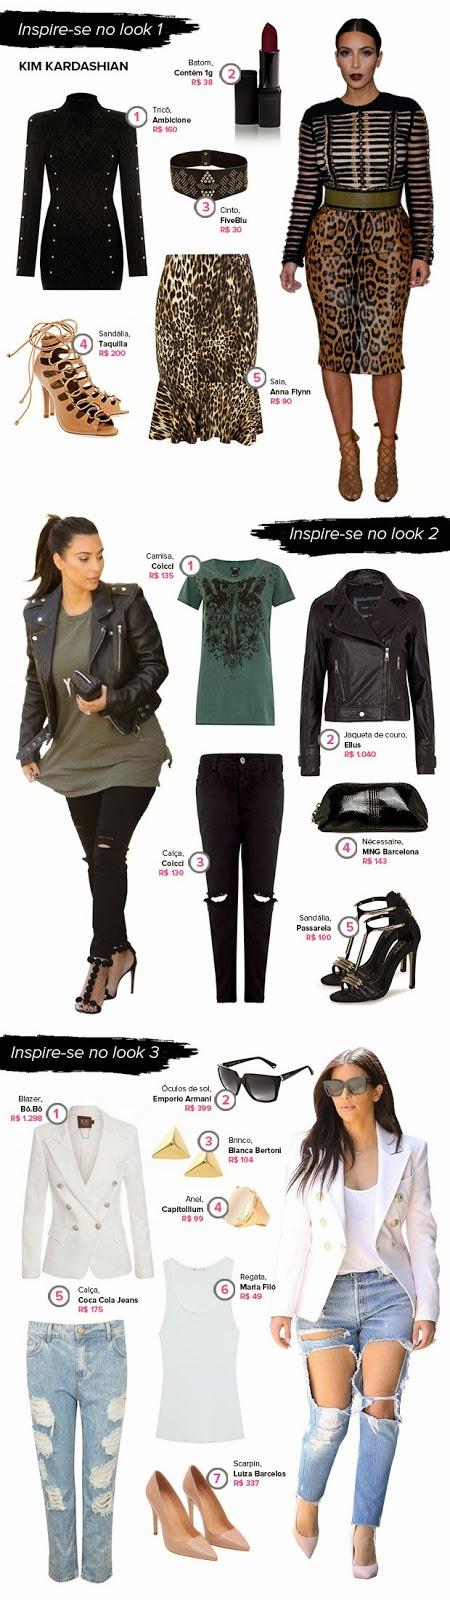 Copia o estilo extravagante de Kim Kardashian